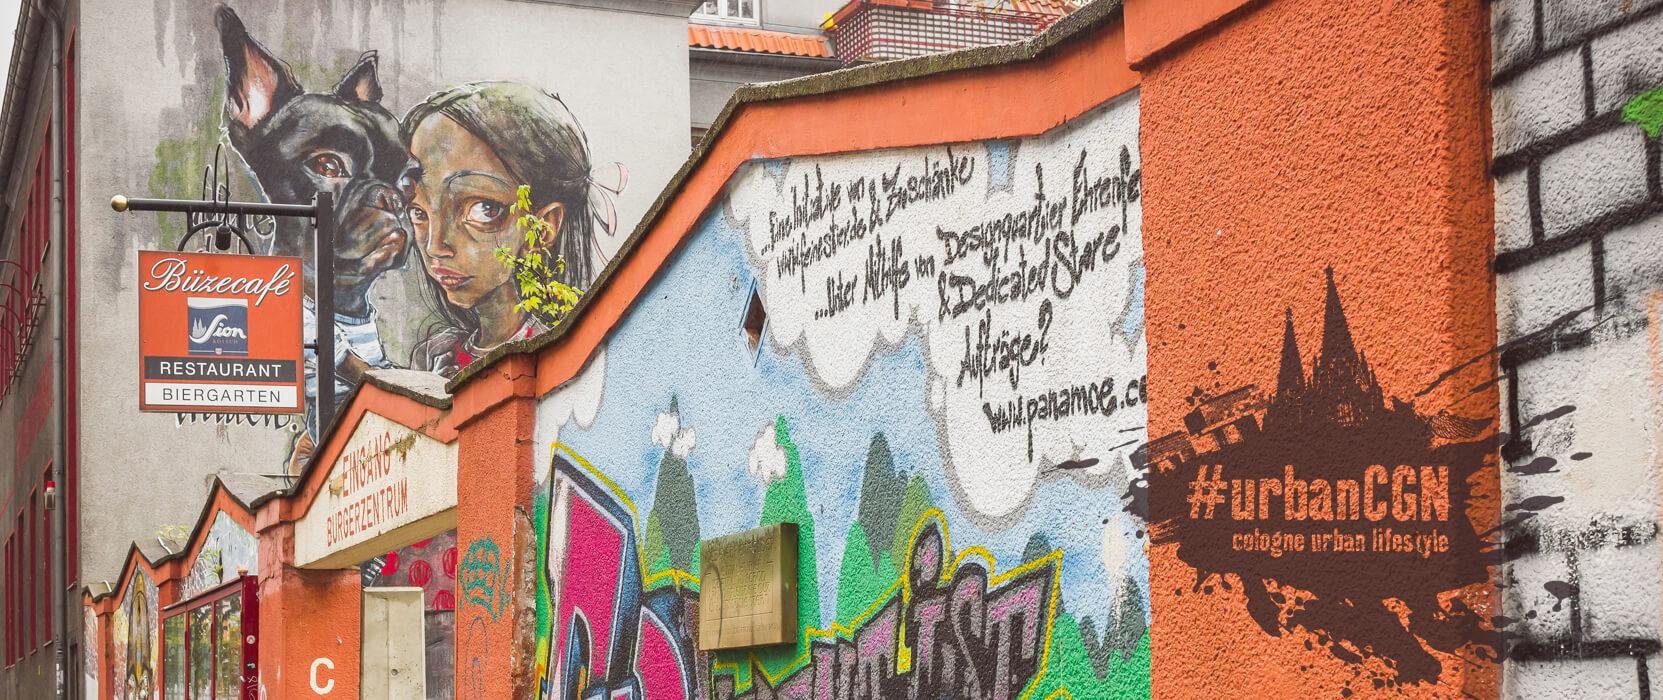 urbanCGN, 07 ©Bilderblitz, KölnTourismus GmbH